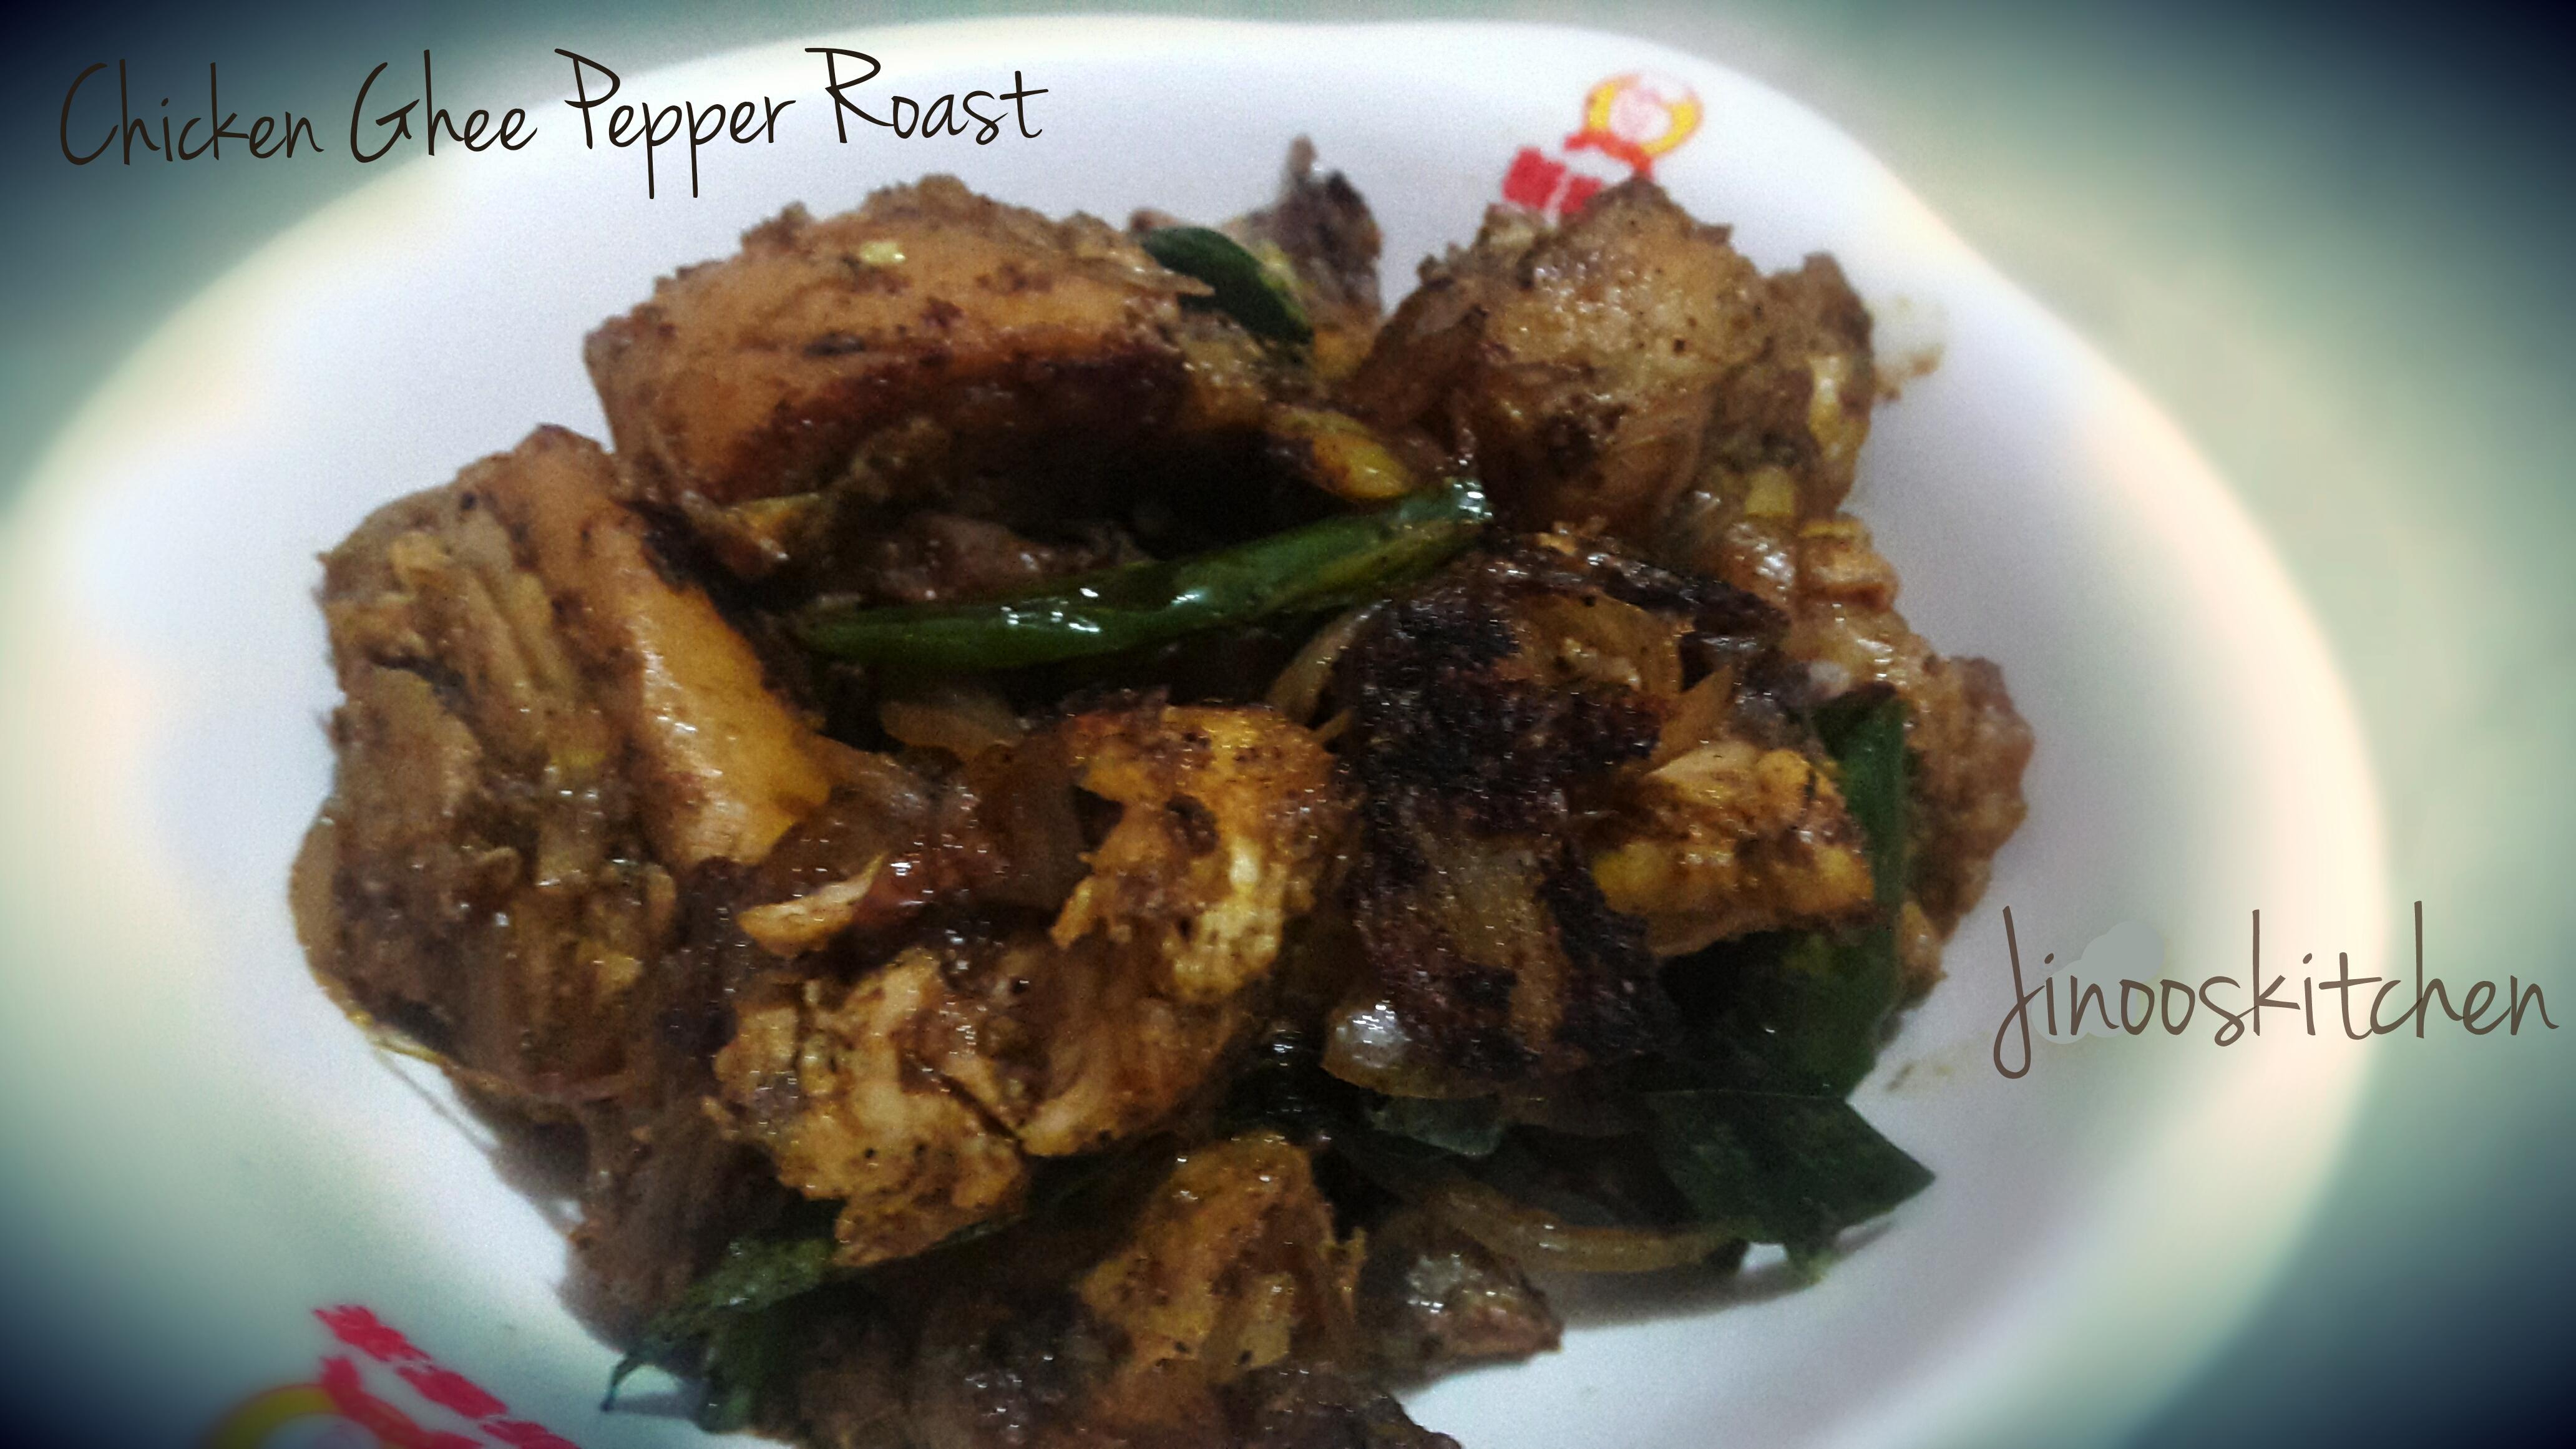 Chicken ghee pepper roast